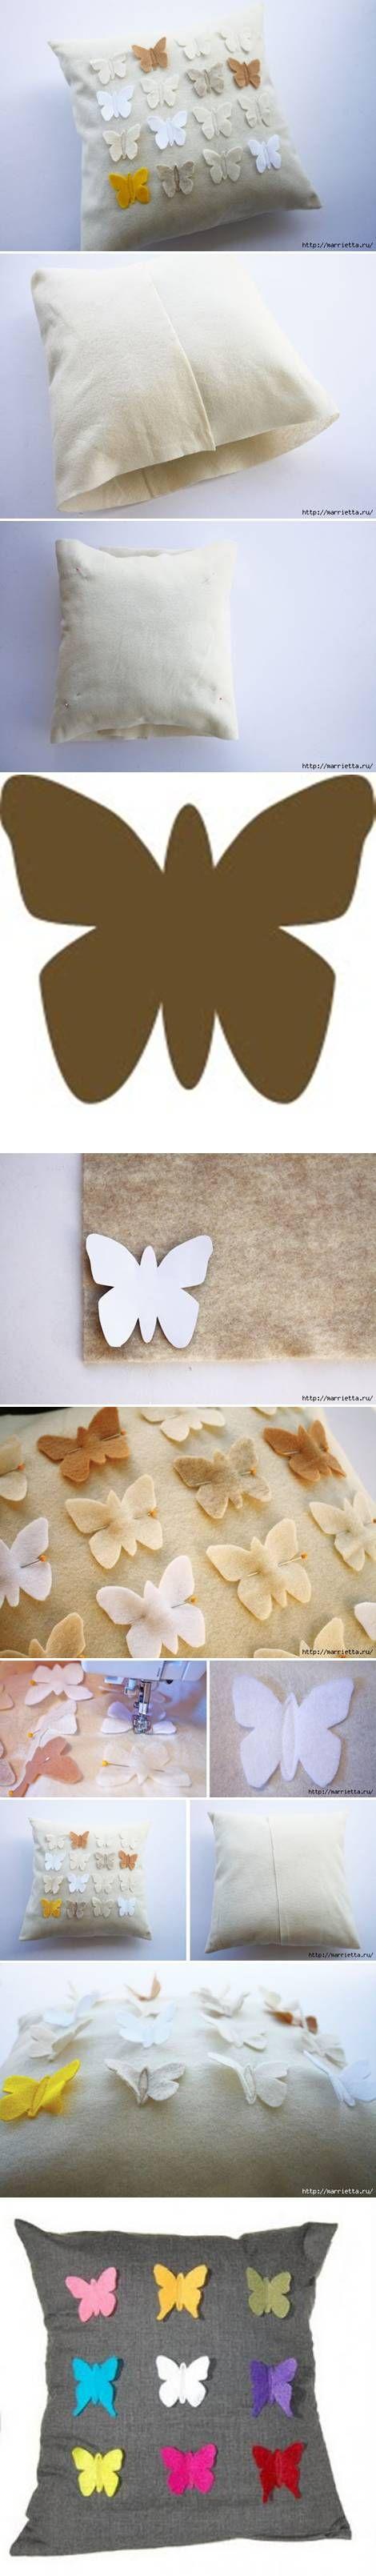 DIY Butterfly Pillow Cover Zelf maken? Kijk voor vilt eens op http://www.bijviltenzo.nl